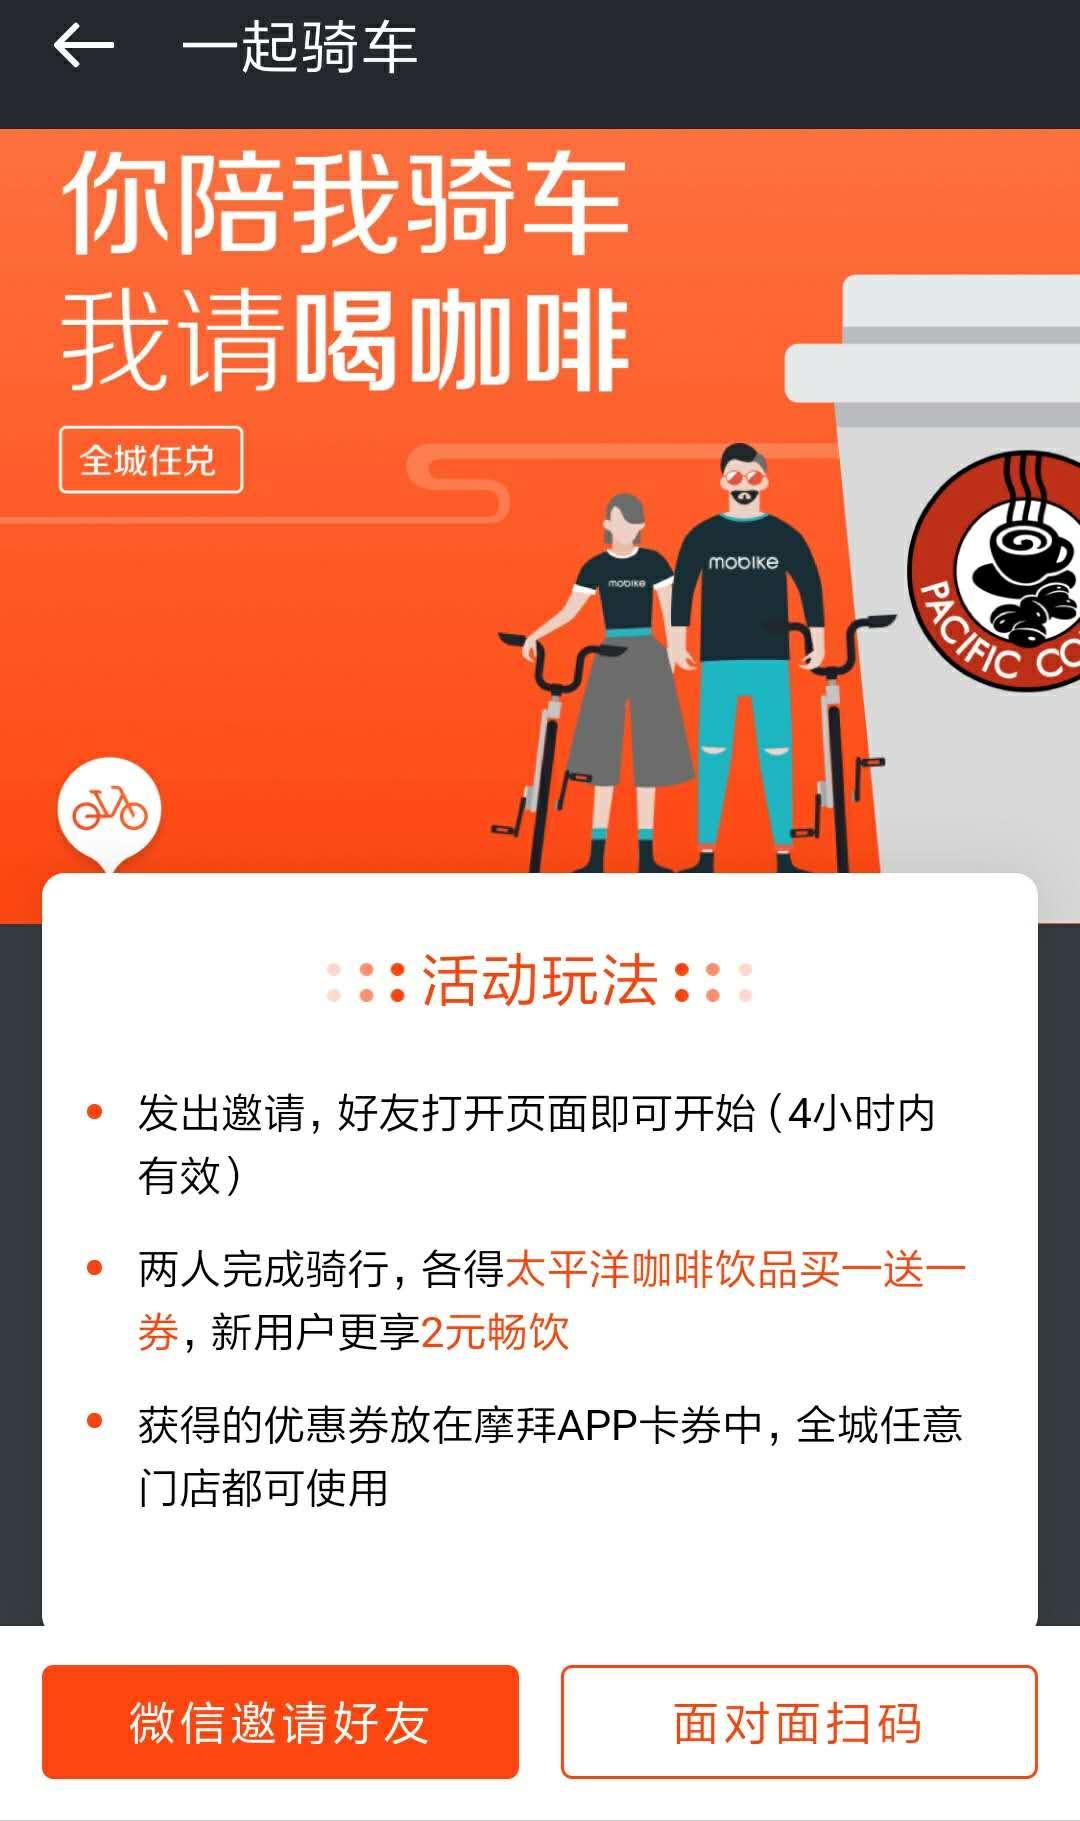 四个方面,浅析摩拜单车的用户运营策略 网站运营 运营  第18张